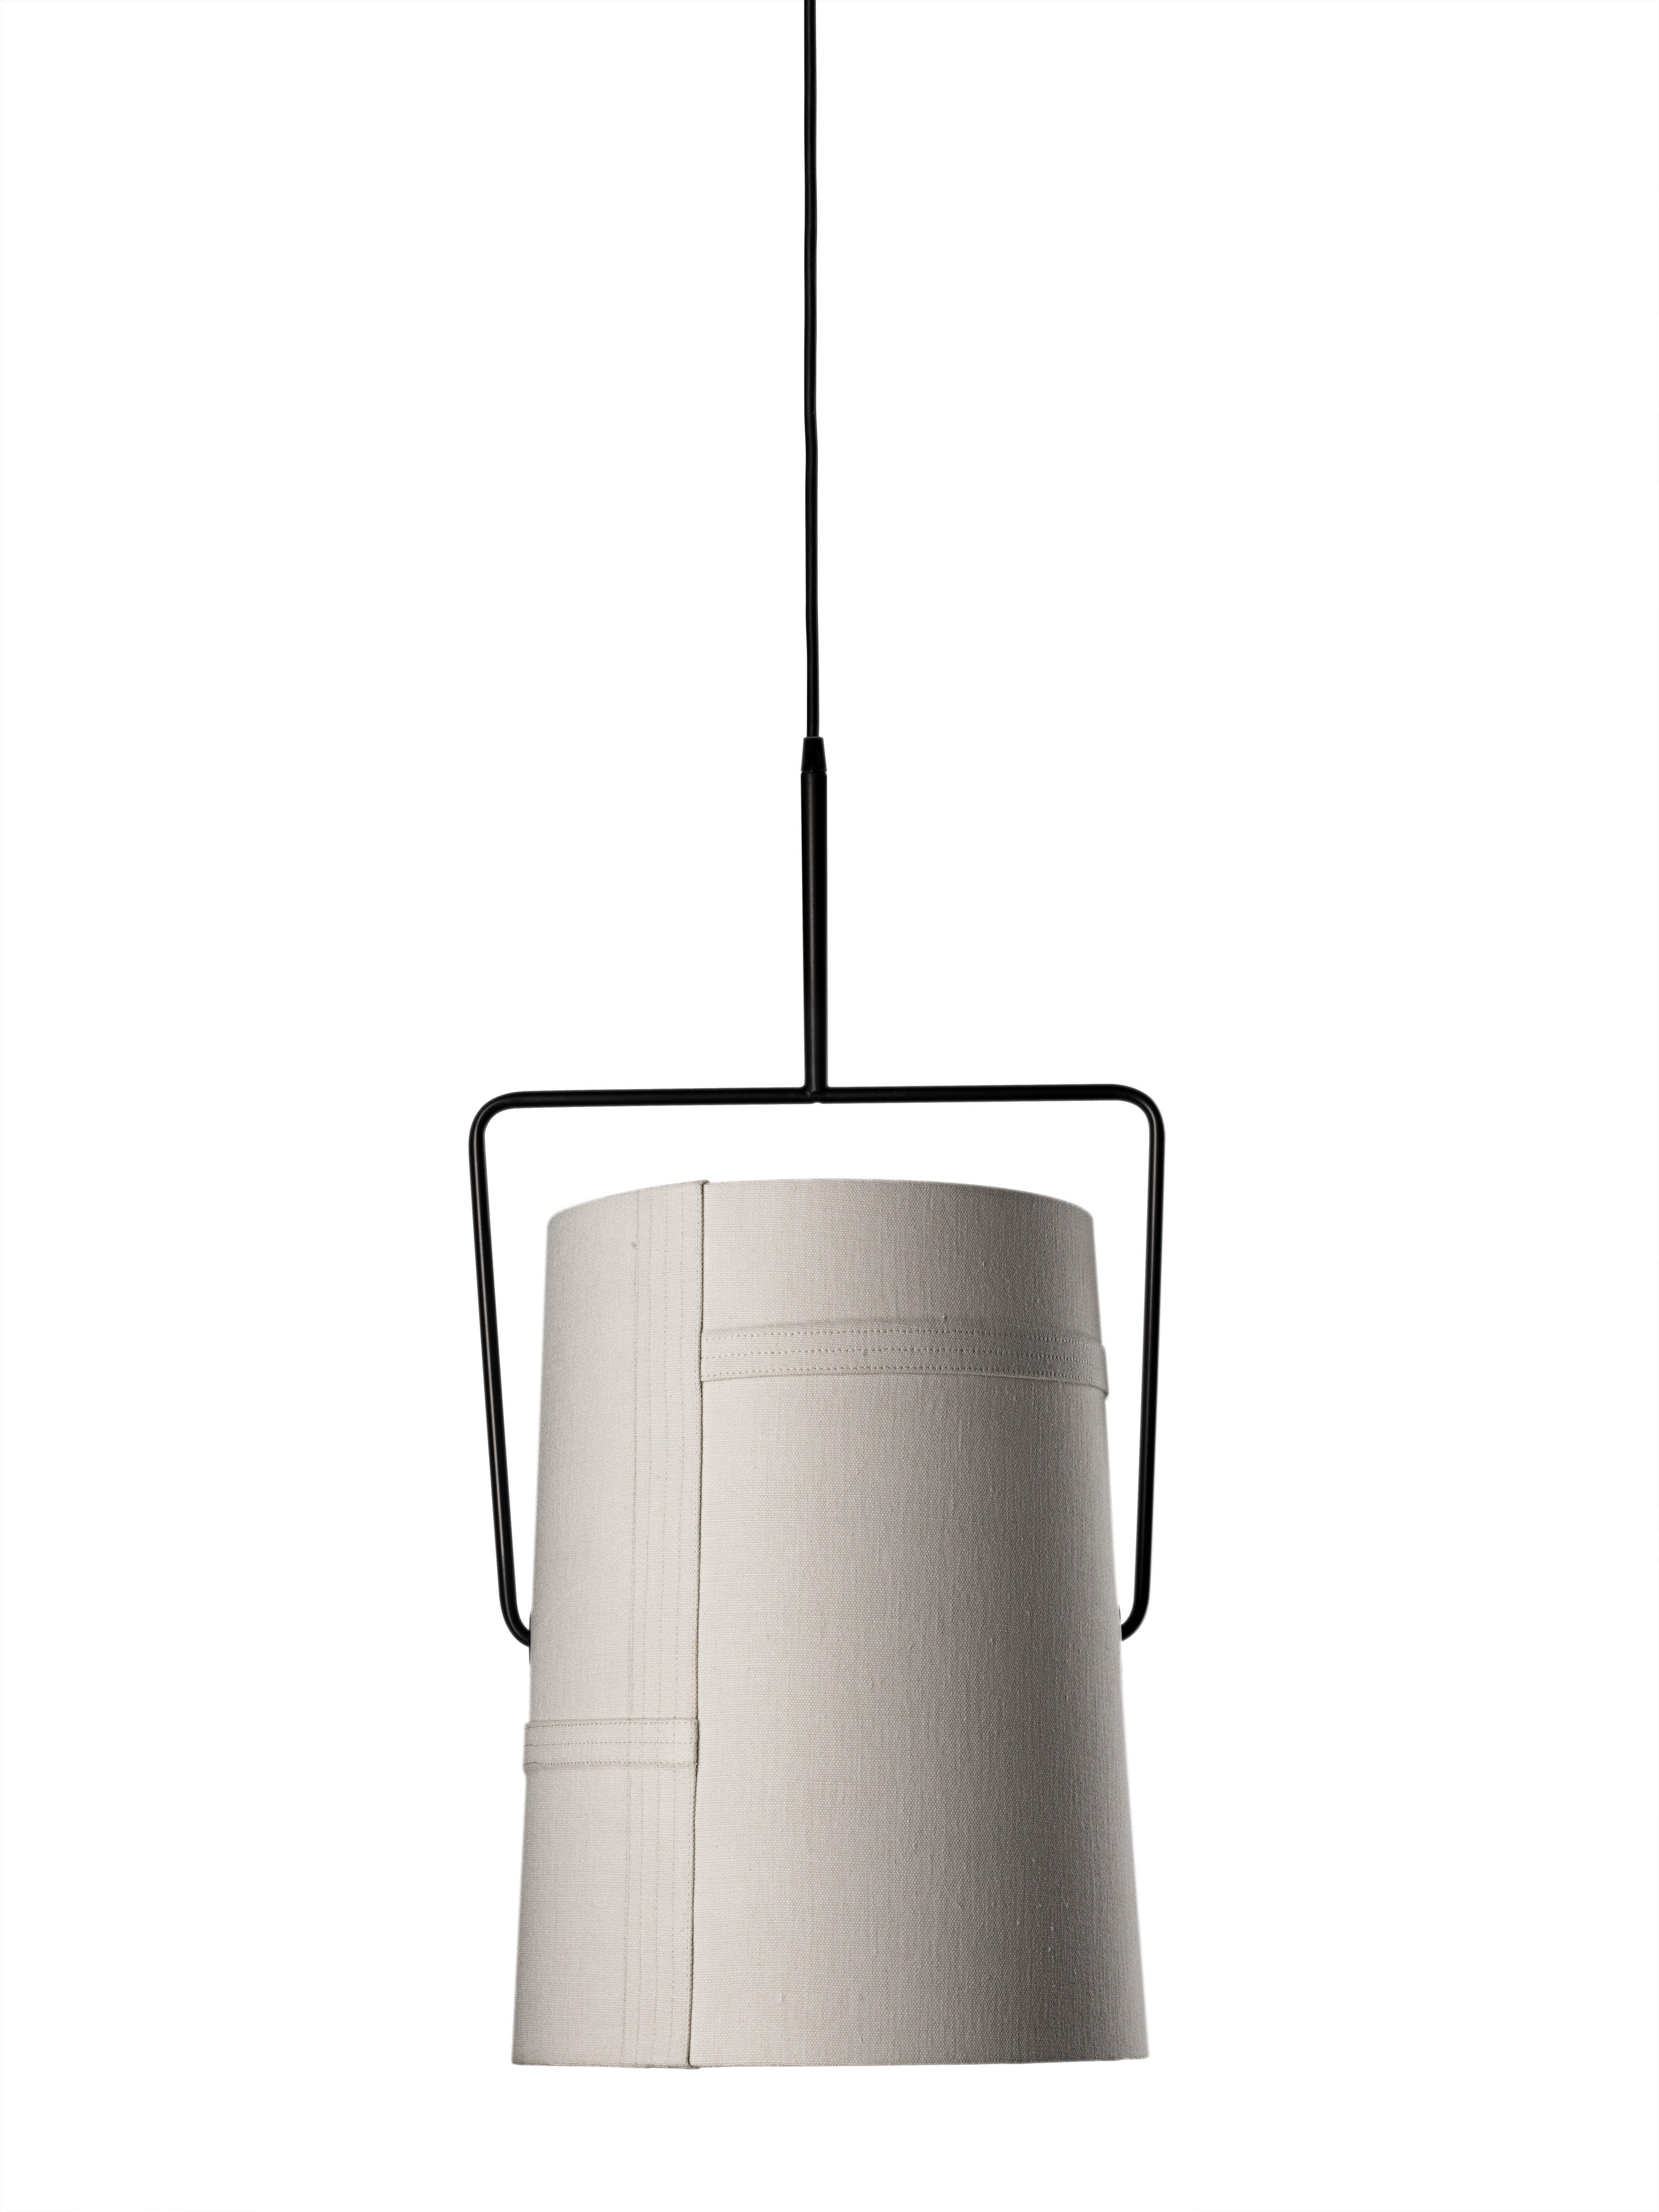 Luminaire - Suspensions - Suspension Fork grande Ø 37 cm x H 70 cm - Diesel with Foscarini - Ivoire - Ø 37 cm x H 70 cm - Métal anodisé, Tissu